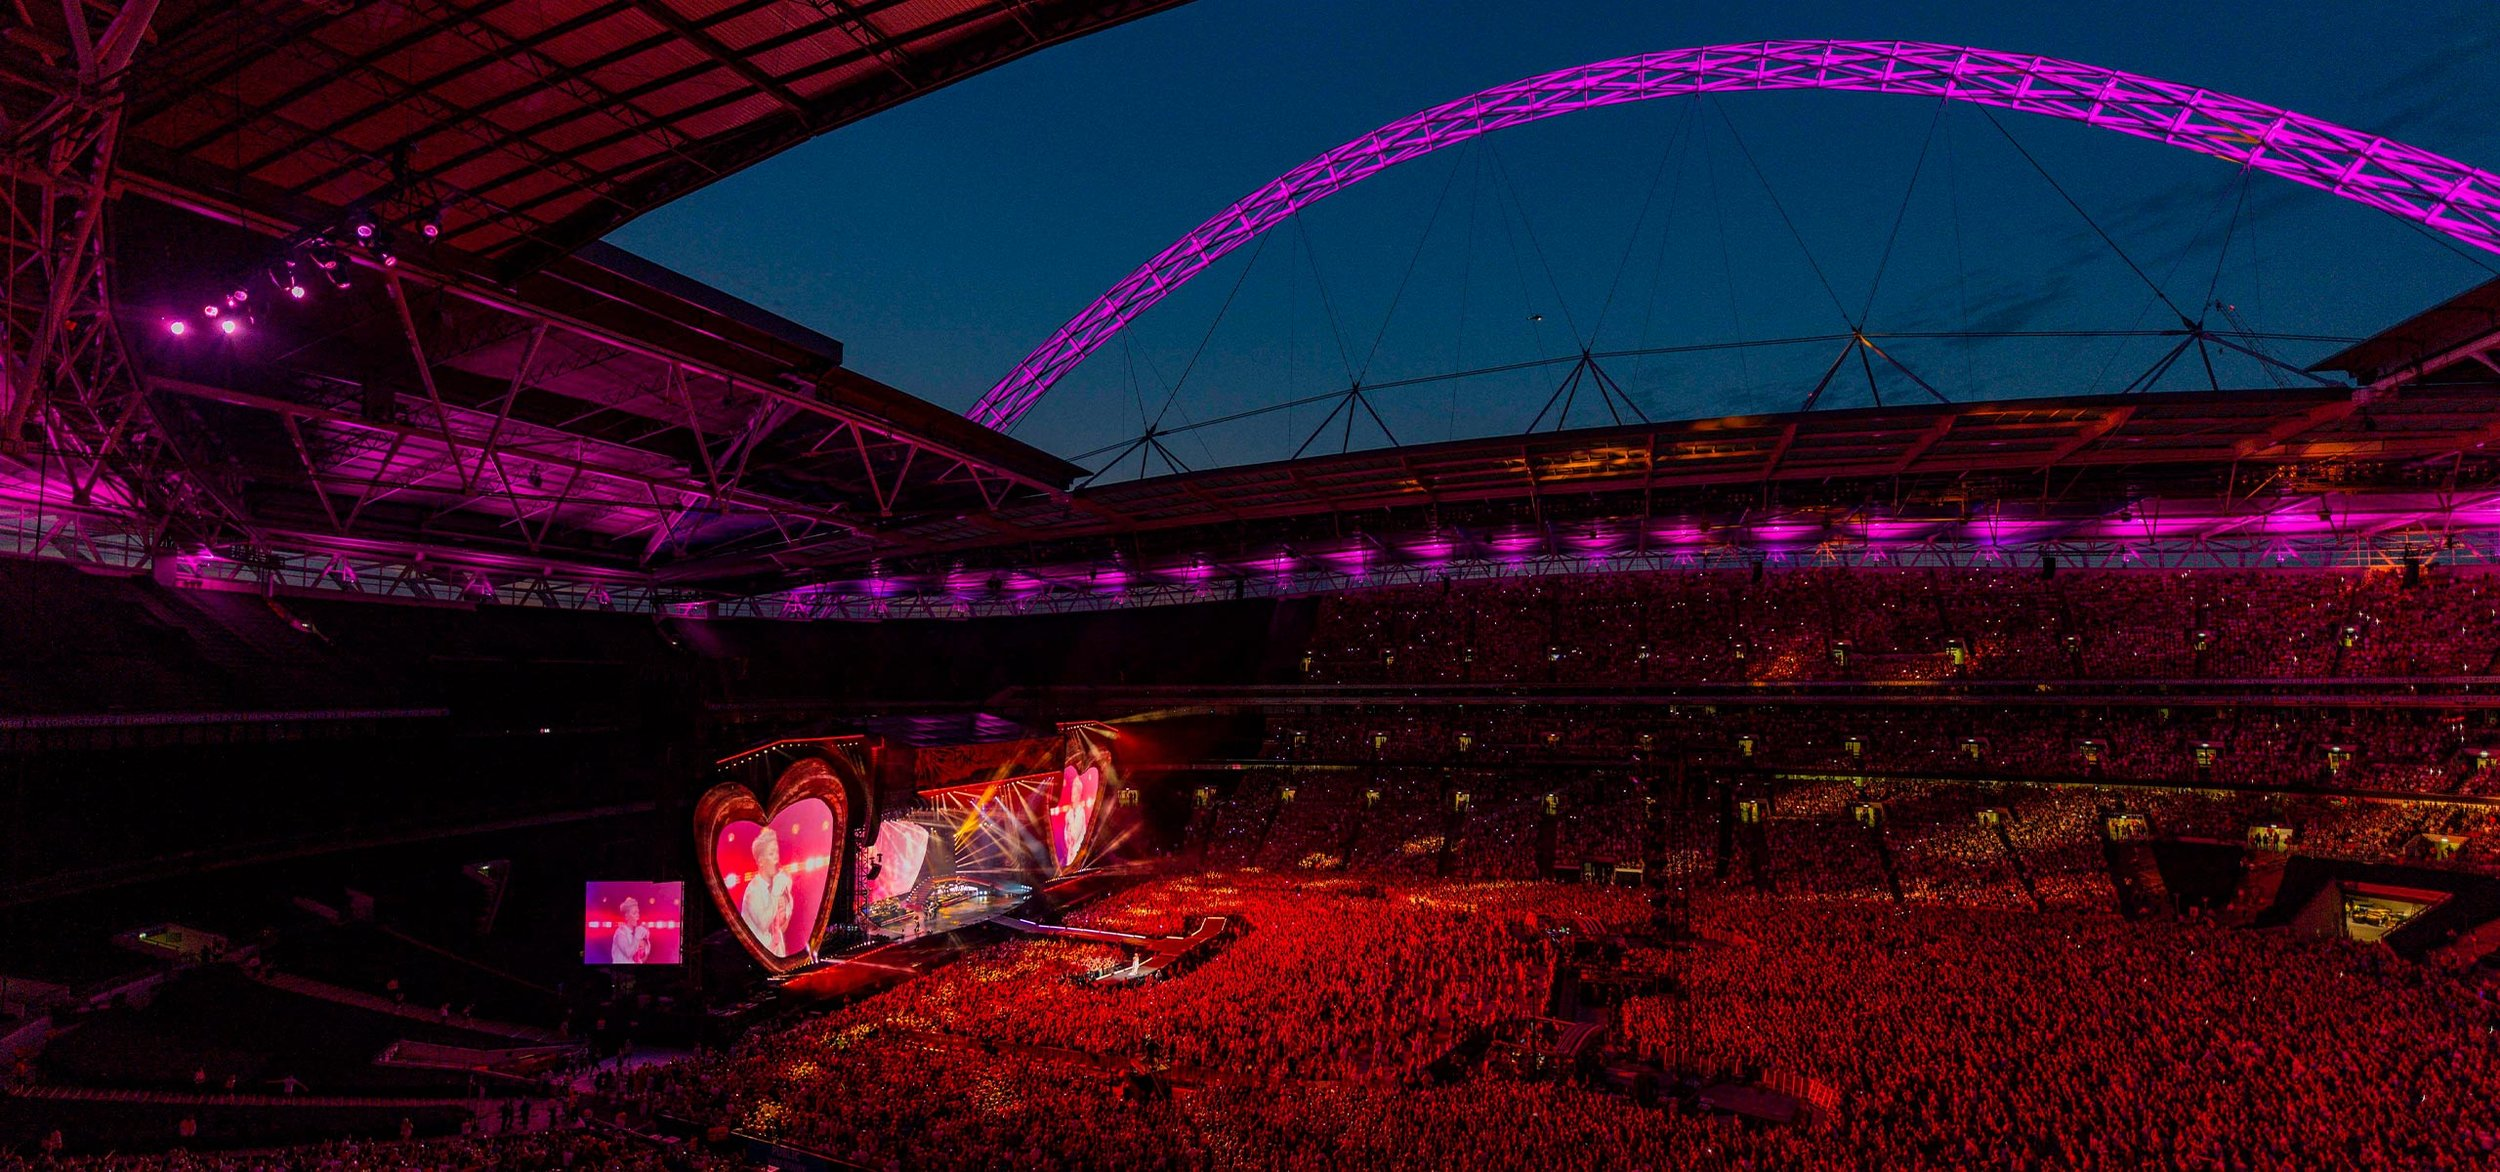 P!nk_Wembley_2019_2560x1200.jpg